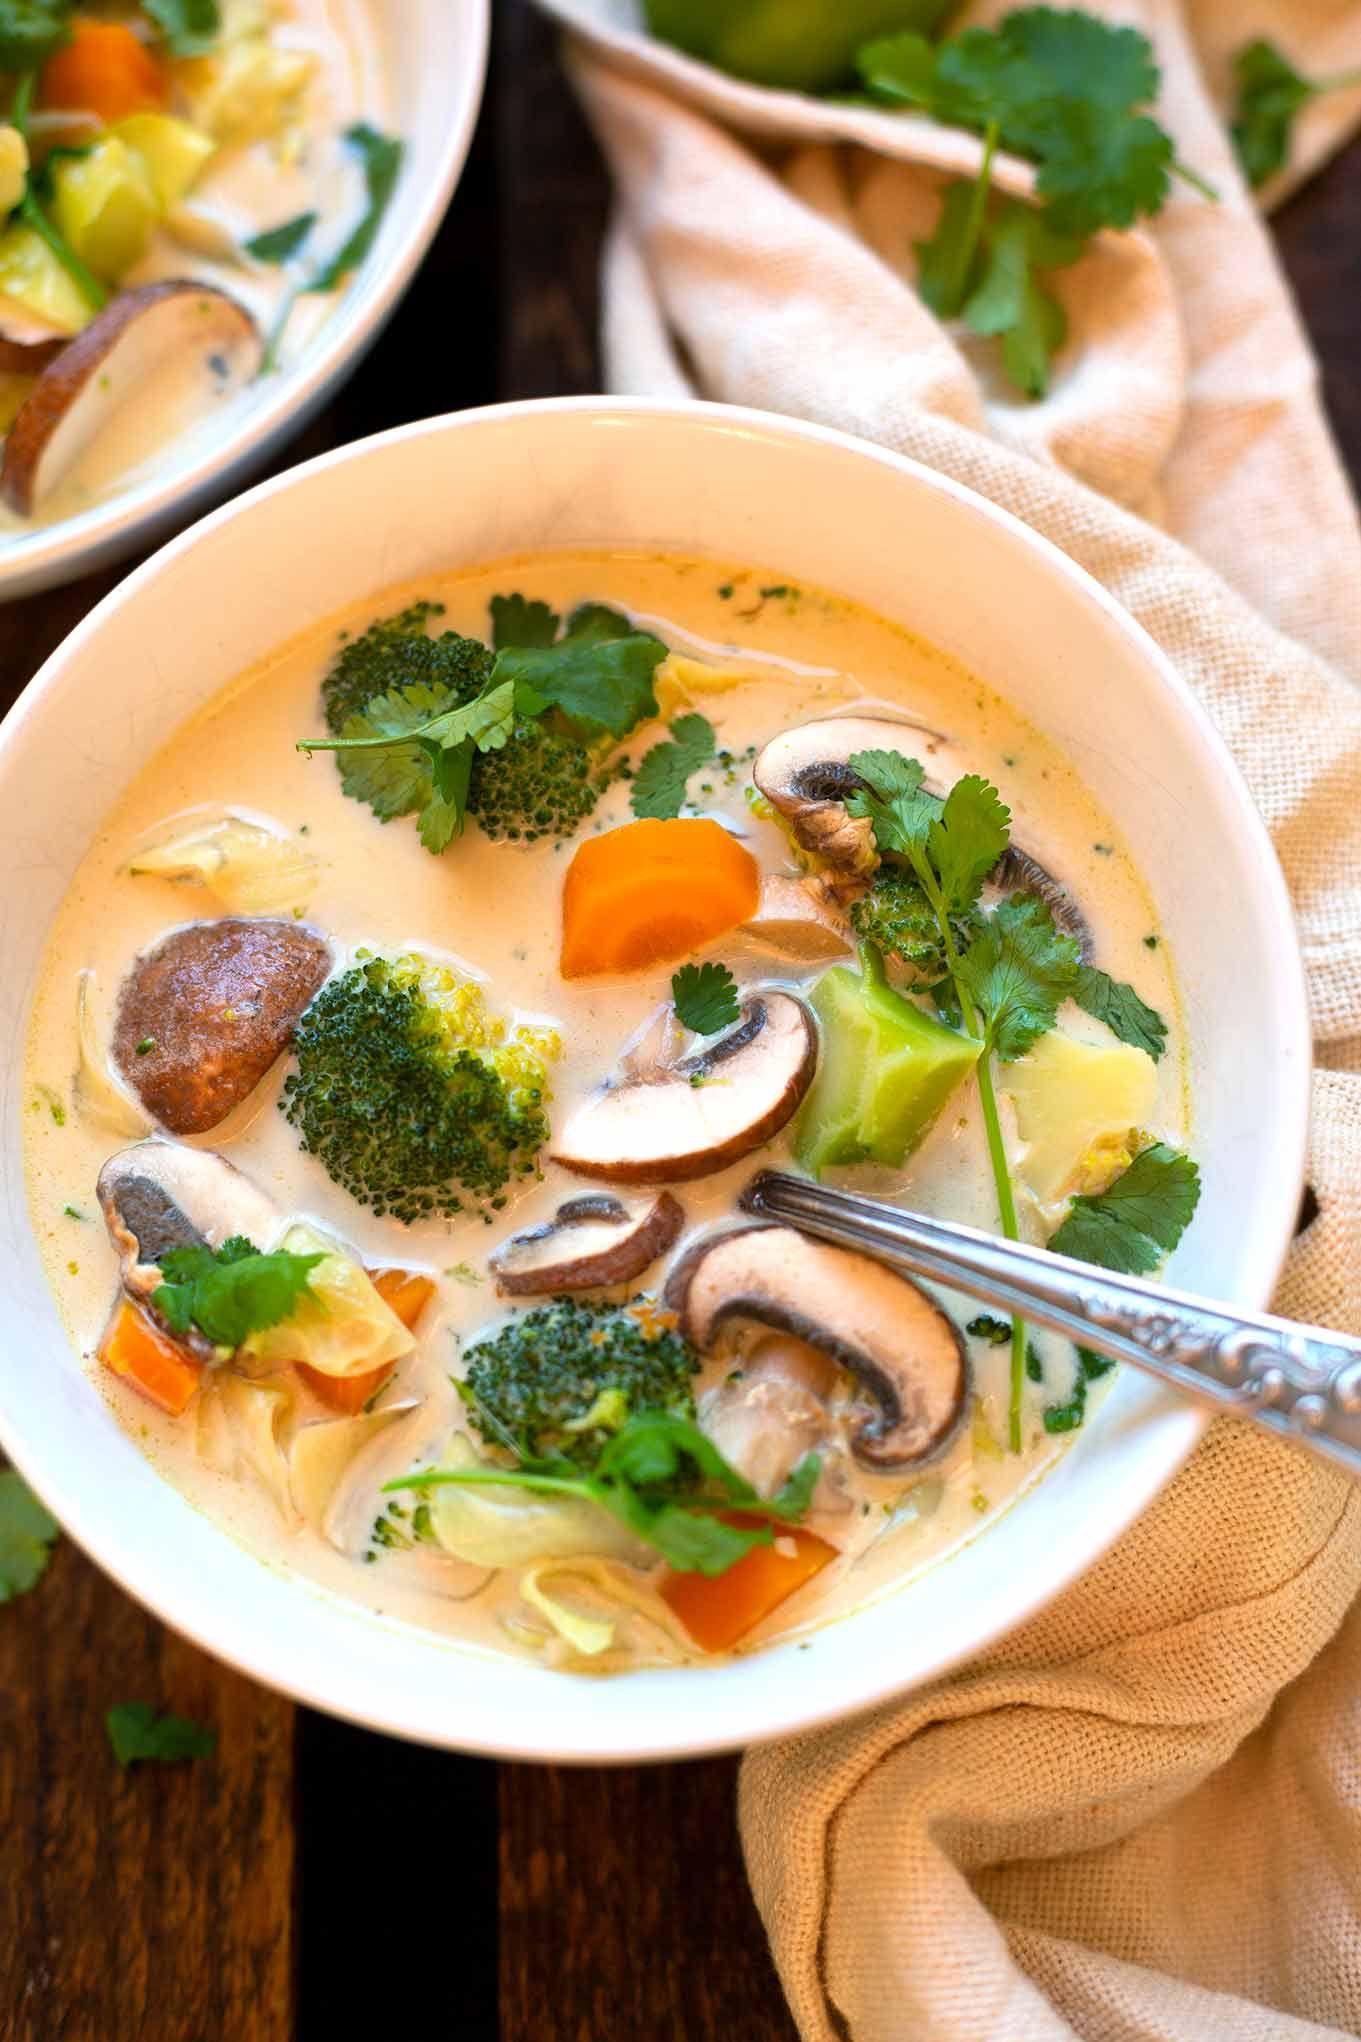 Thai Kokos Suppe Mit Gemuse Nur 30 Minuten Kochkarussell Rezept In 2021 Rezepte Suppen Rezept Vegetarisch Leckere Gesunde Rezepte